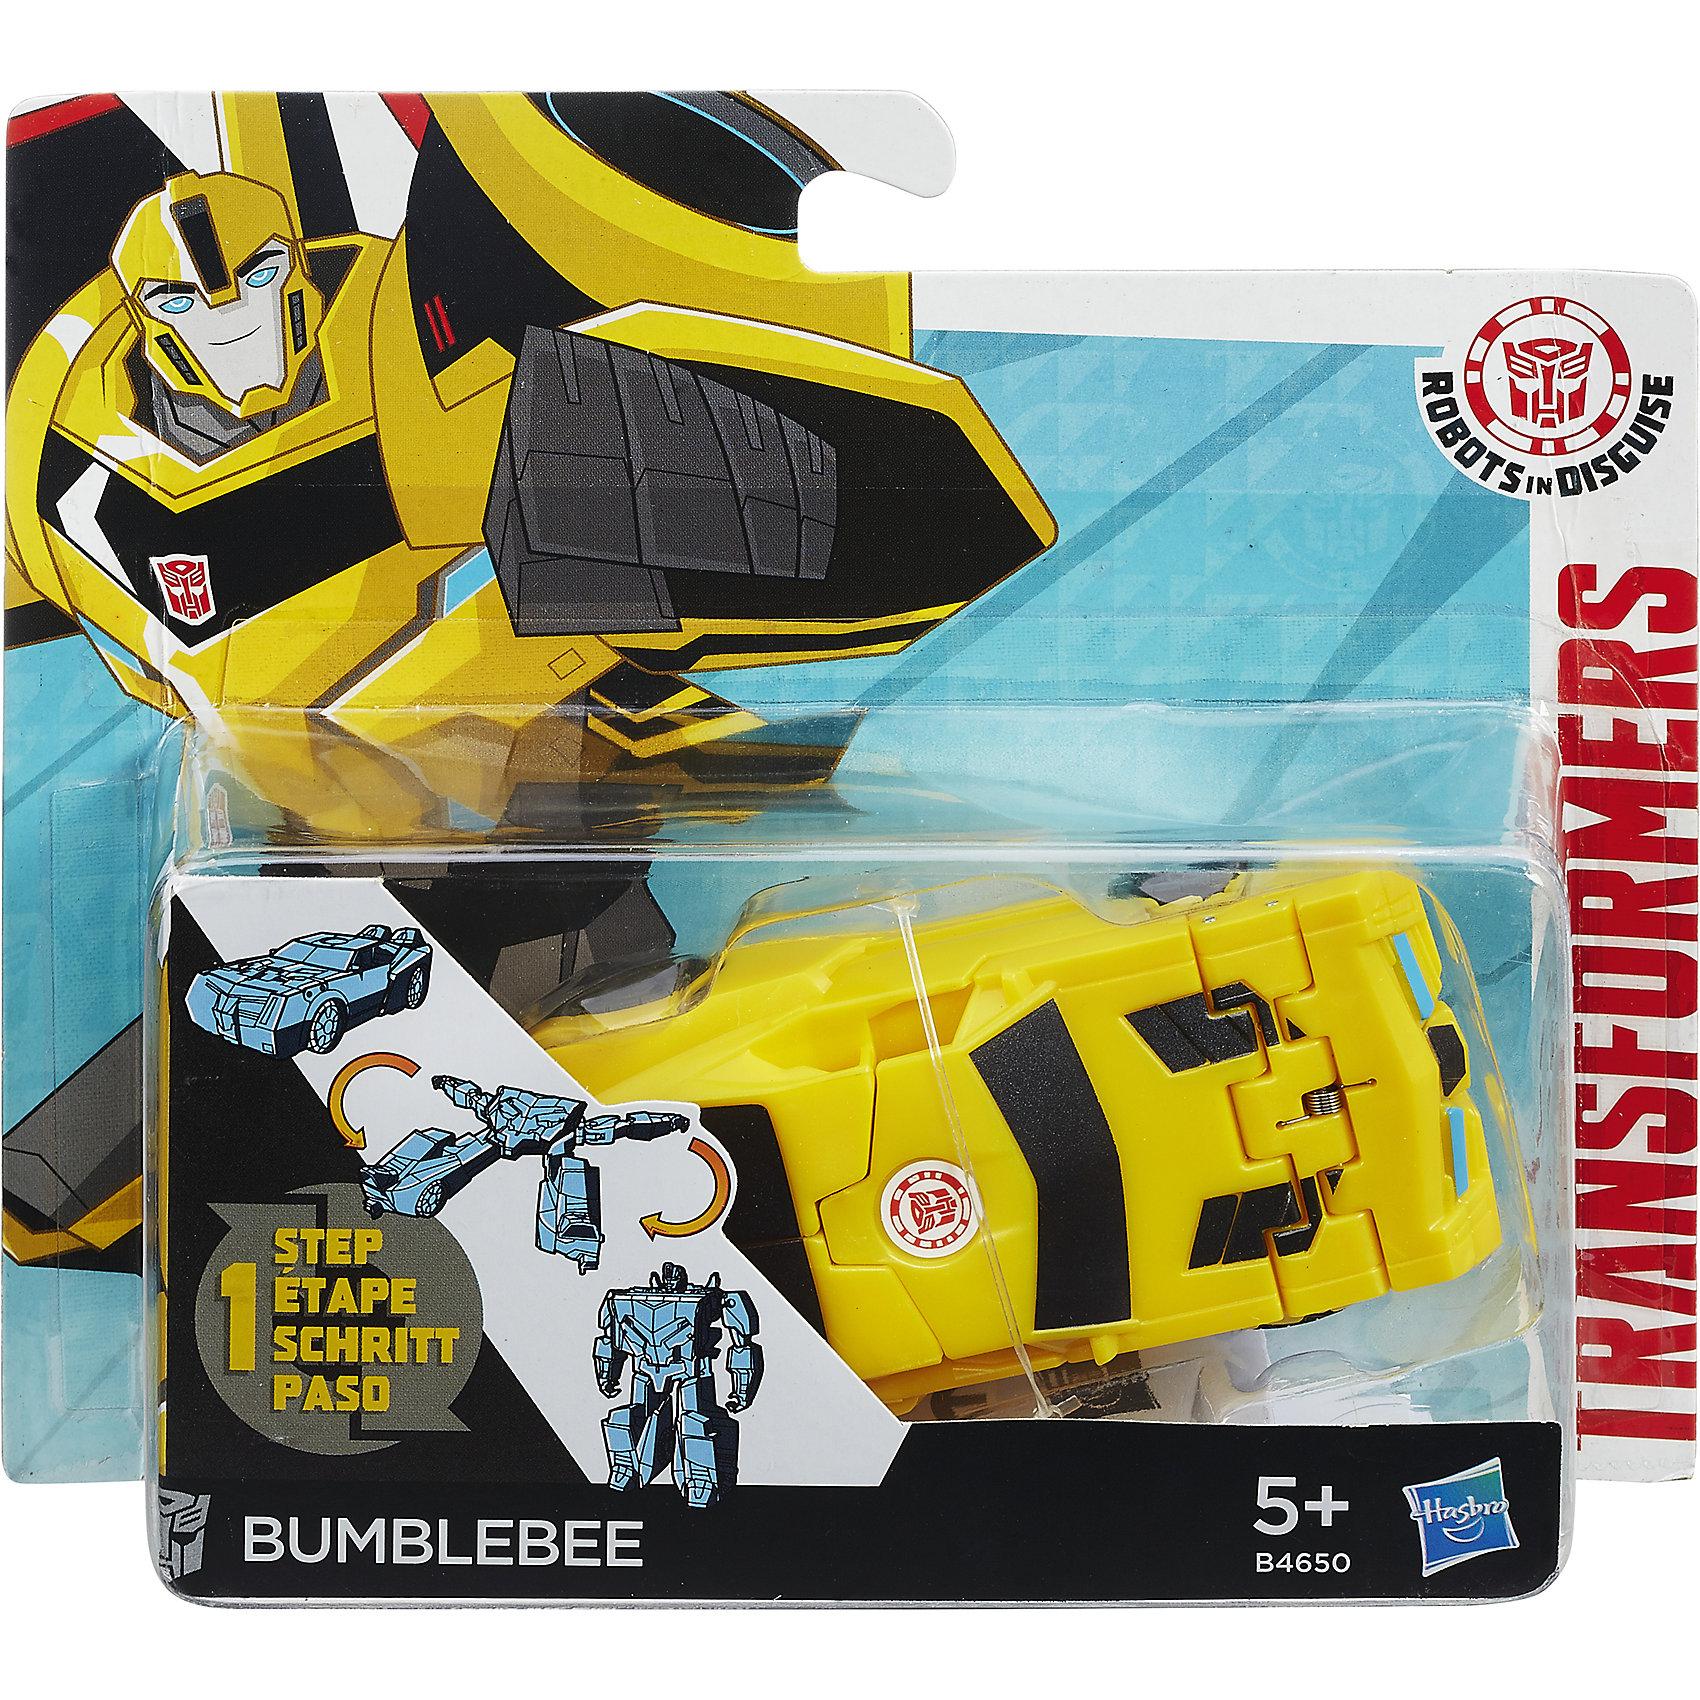 Бамблби, Роботс-ин-Дисгайс Уан-Стэп, ТрансформерыЛюбимые персонажи, которые трансформируются в один миг! Игрушка выполнена из высококачественного прочного пластика, прекрасно детализирована, легко и просто трансформируется всего за 5 действий. Робот имеет средний размер, ребенку удобно держать его в руках и производить трансформации самостоятельно. Бамблби - один из главных героев Трансформеров. Он хитрый, ловкий и очень проворный. Игрушки-трансформеры помогают развить мелкую моторику, логическое мышление и воображение ребенка.  <br><br>Дополнительная информация: <br><br>- Комплектация: фигурка, оружие. <br>- Материал: пластик. <br>- Размер упаковки: 15х4х15 см. <br>- Размер игрушки: 12 см.<br>- Трансформируется за 5 действий. <br><br>Трансформер Роботс-ин-Дисгайс Уан-Стэп можно купить в нашем магазине.<br><br>Ширина мм: 178<br>Глубина мм: 151<br>Высота мм: 63<br>Вес г: 115<br>Возраст от месяцев: 60<br>Возраст до месяцев: 120<br>Пол: Мужской<br>Возраст: Детский<br>SKU: 4702892